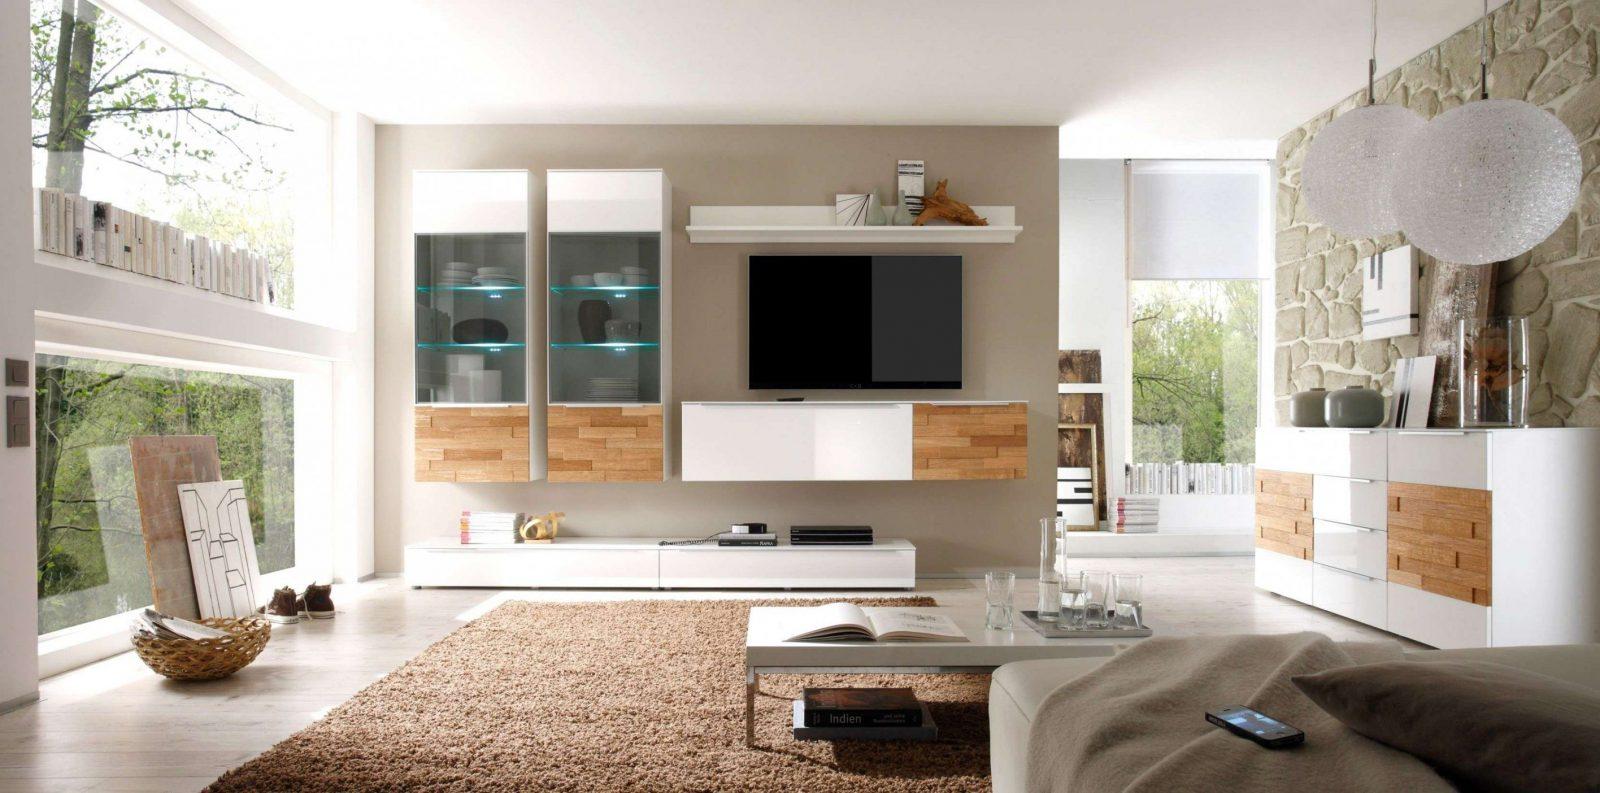 Wohnideen Luxus Cooles Deko Ideen Wohnzimmer Wand Wohnideens Design von Deko Ideen Für Wohnzimmer Photo